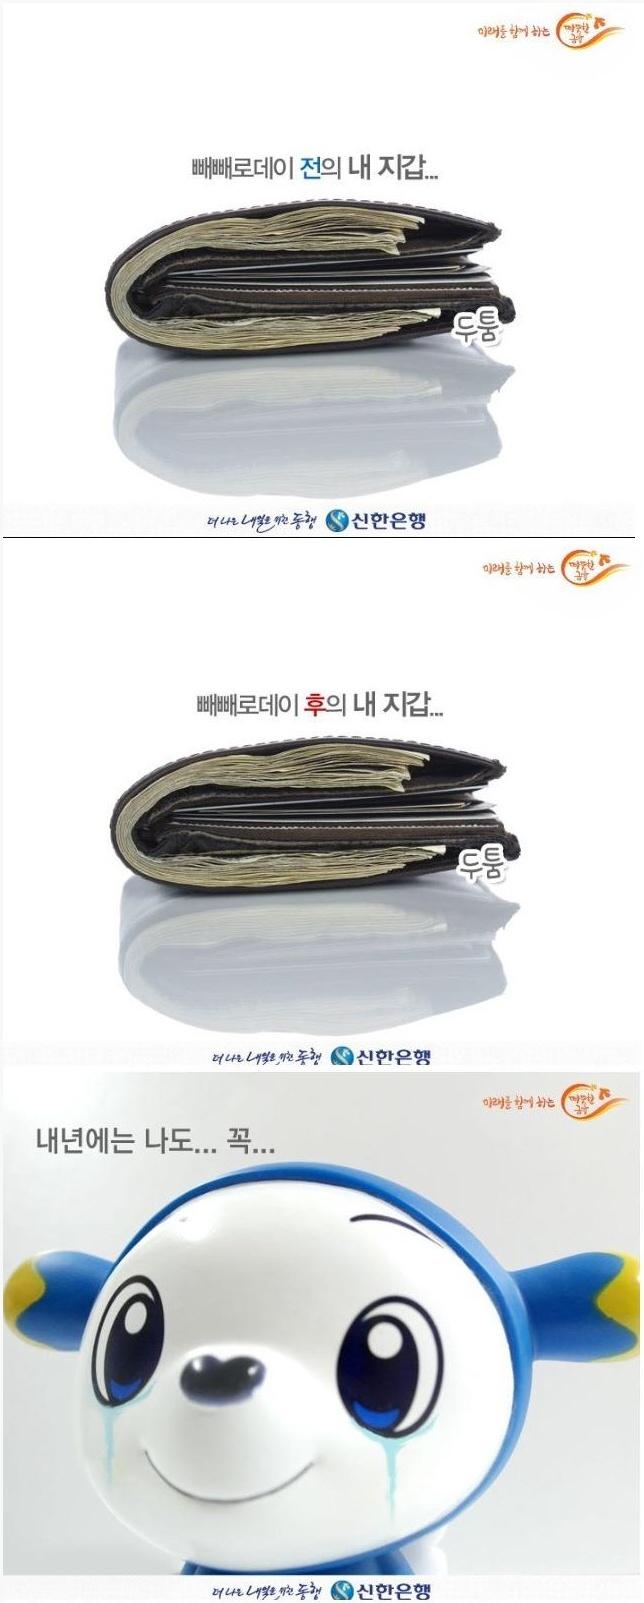 현실적인 은행 광고.jpg